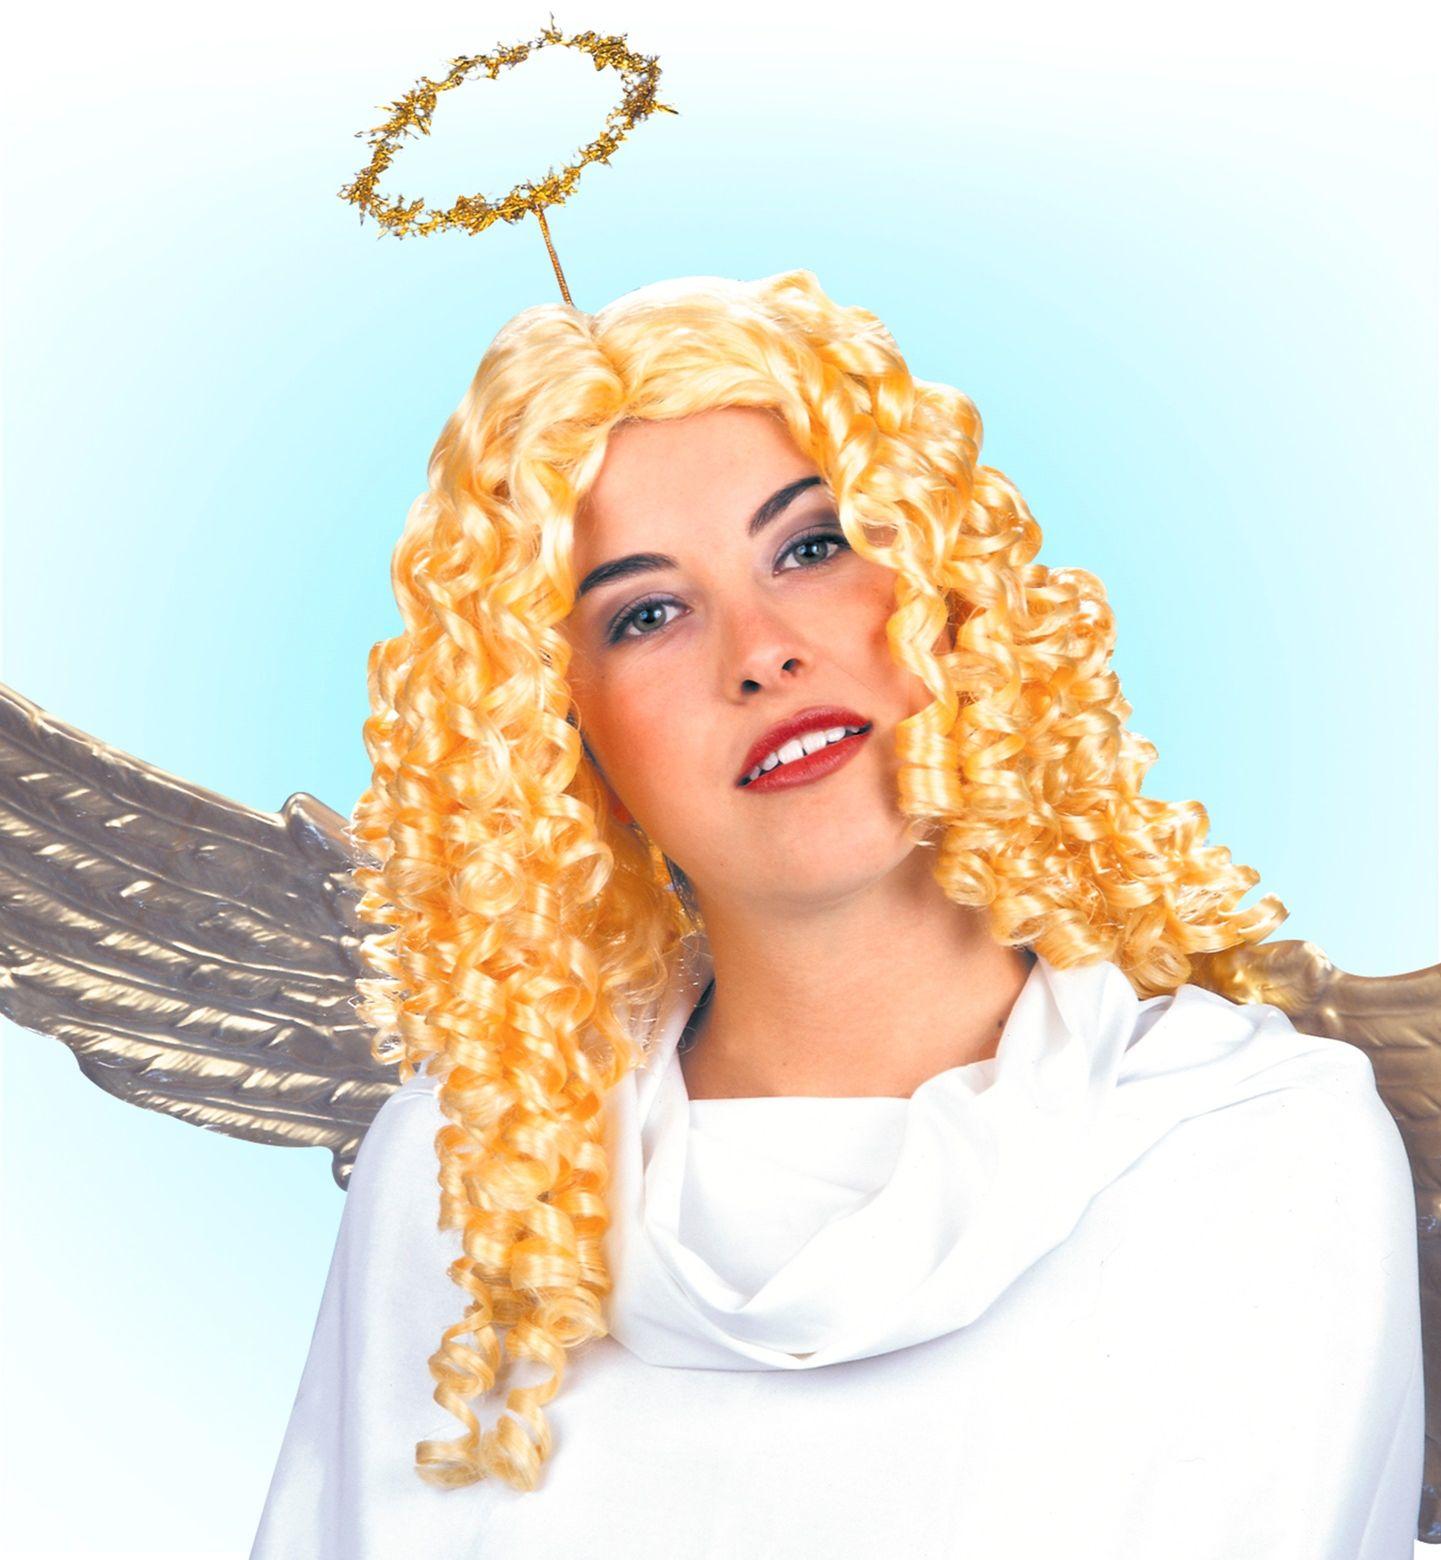 Gouden engel pruik met krullen